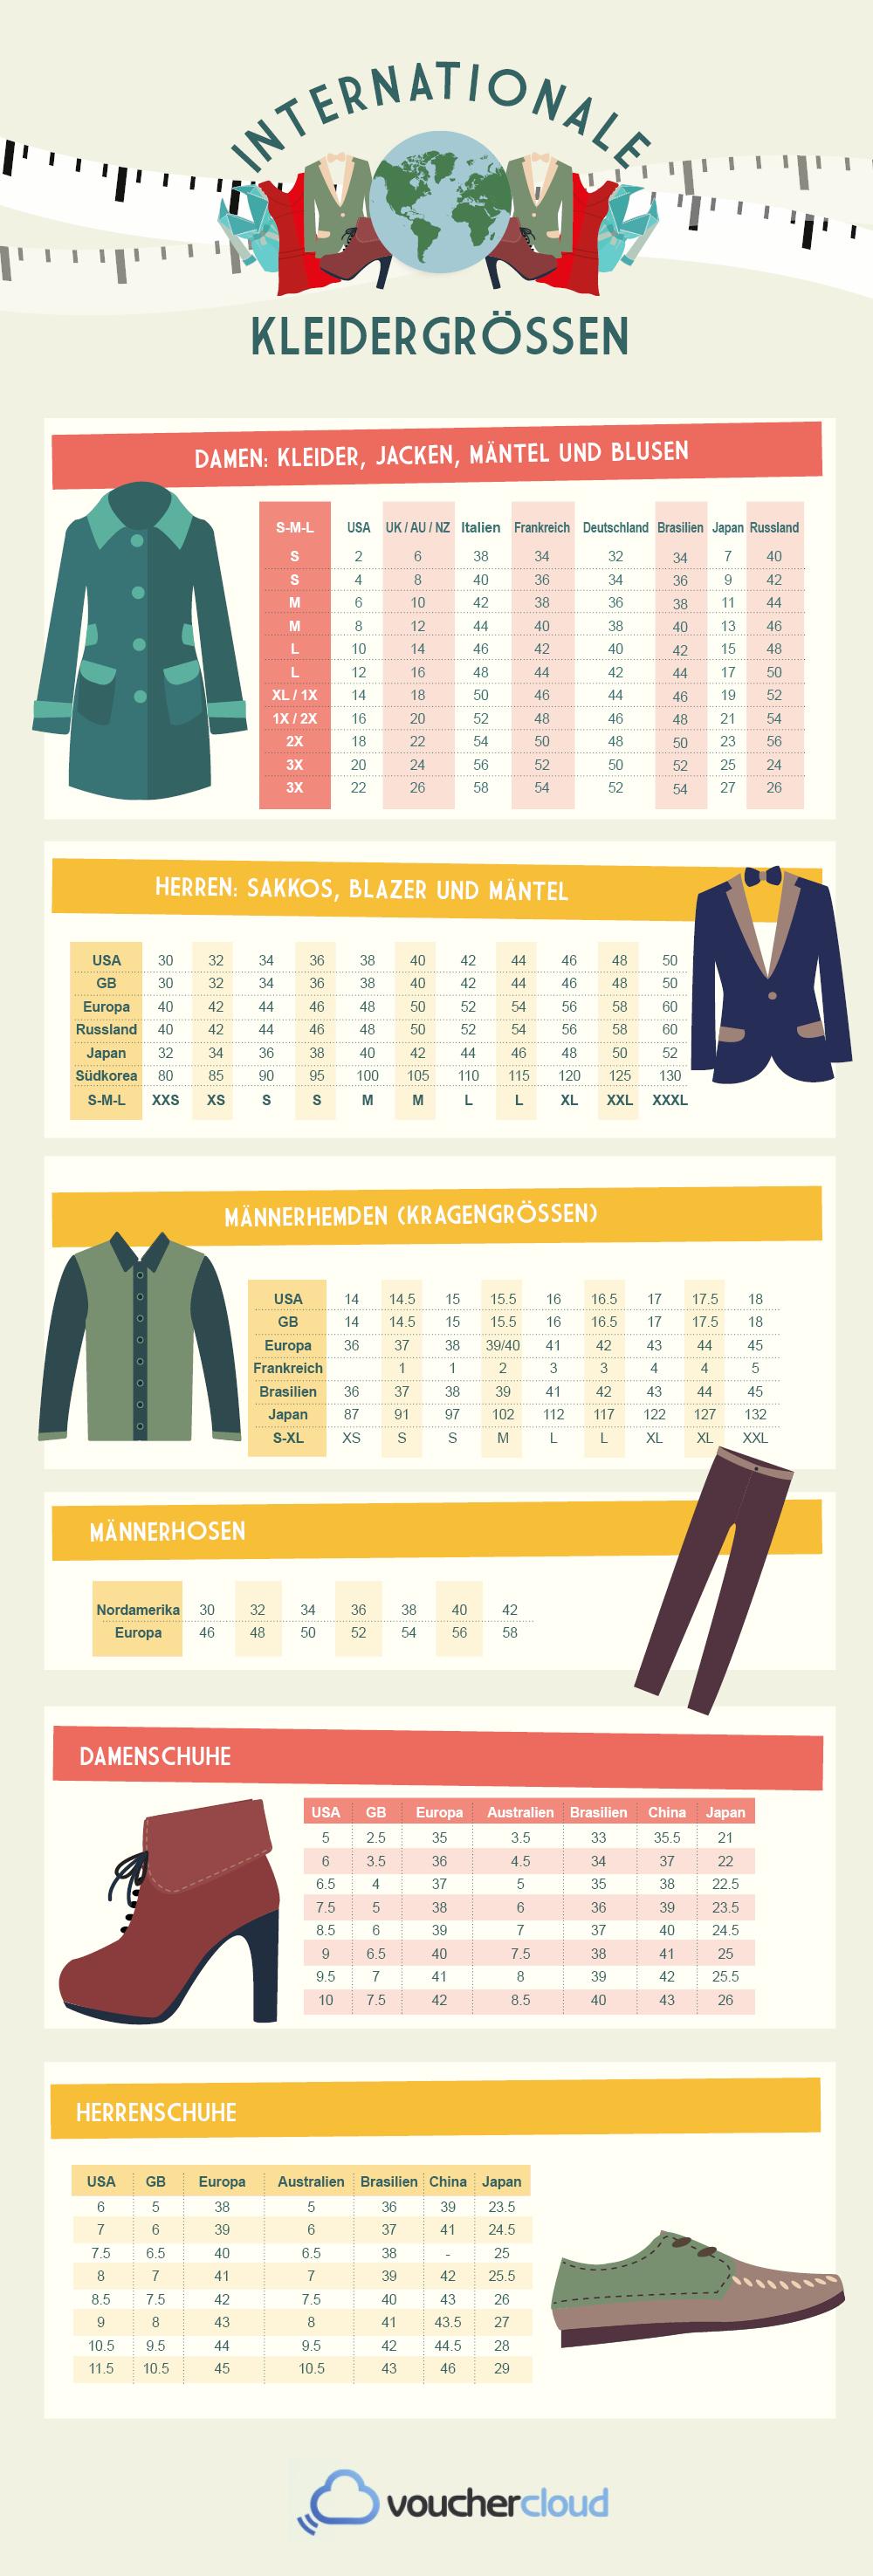 Internationale Kleidergrößentabelle